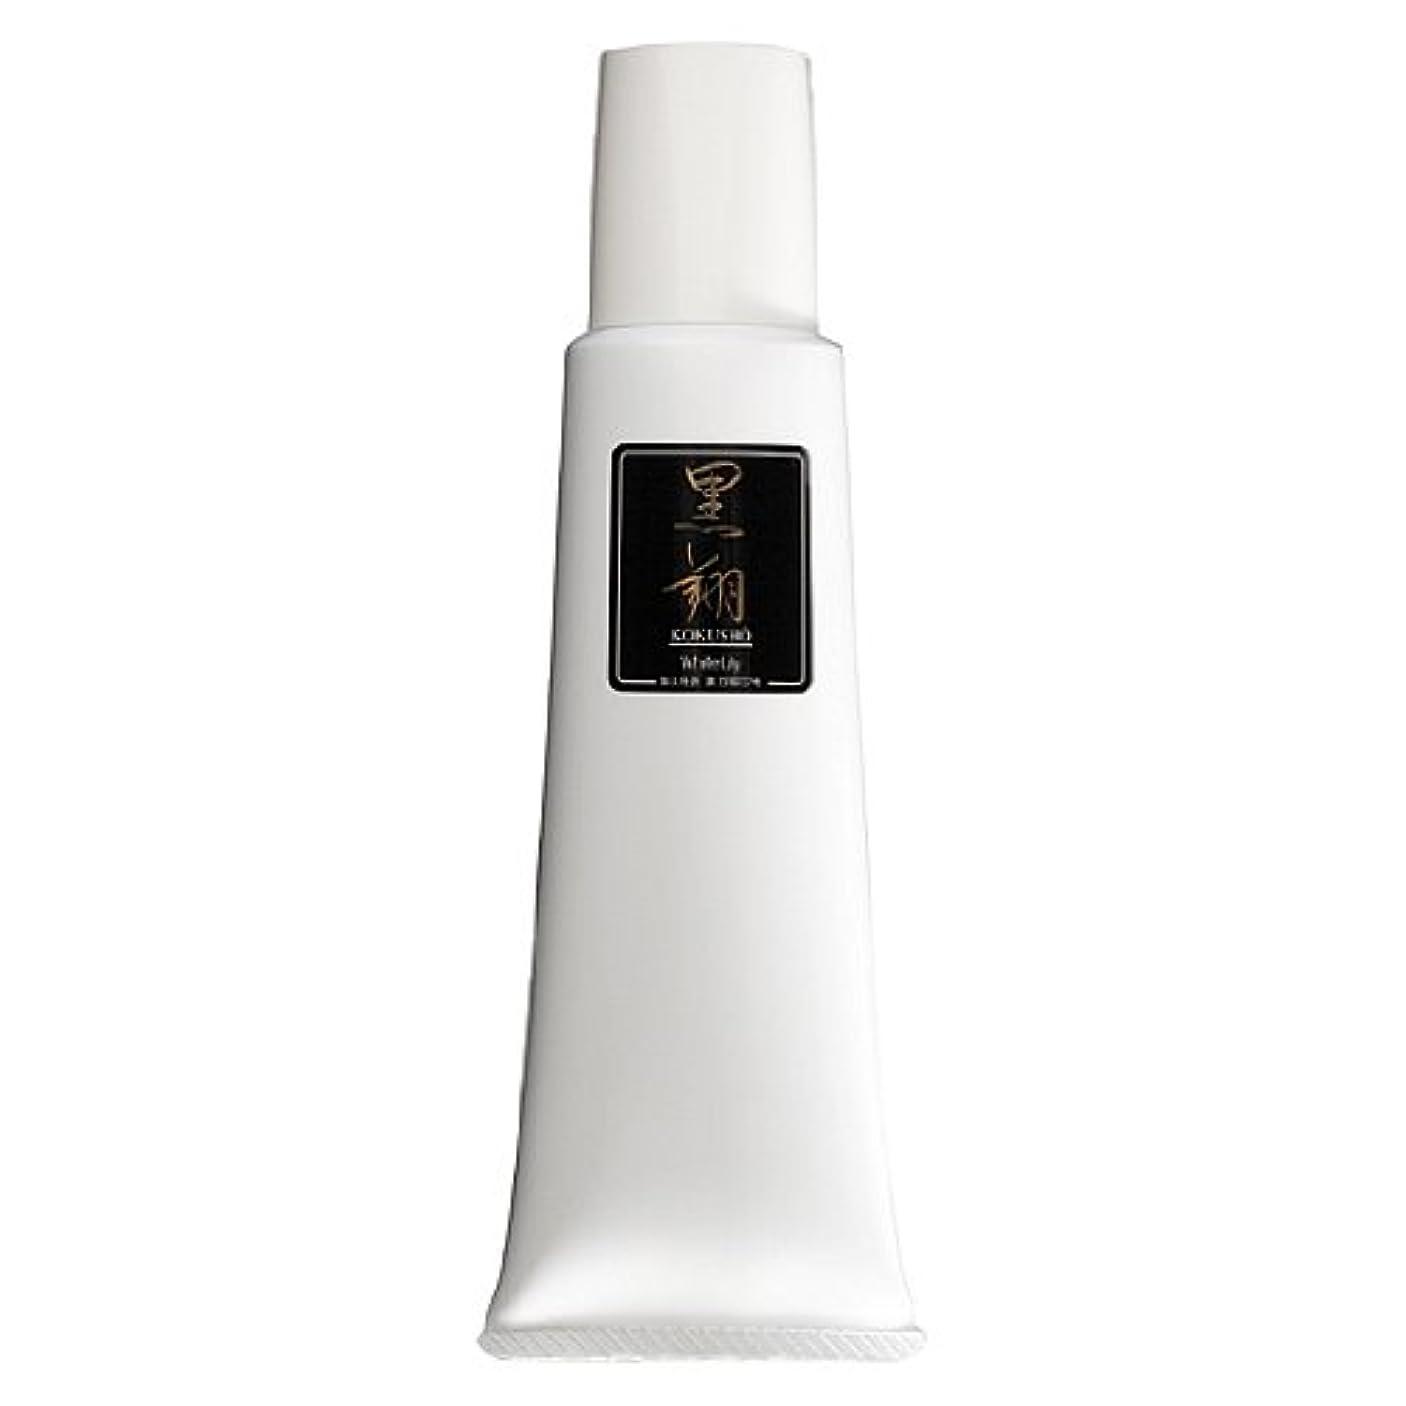 アーサー刺繍ガレージホワイトリリー 黒翔 こくしょう 120mL ナチュラルブラック 染毛整髪料